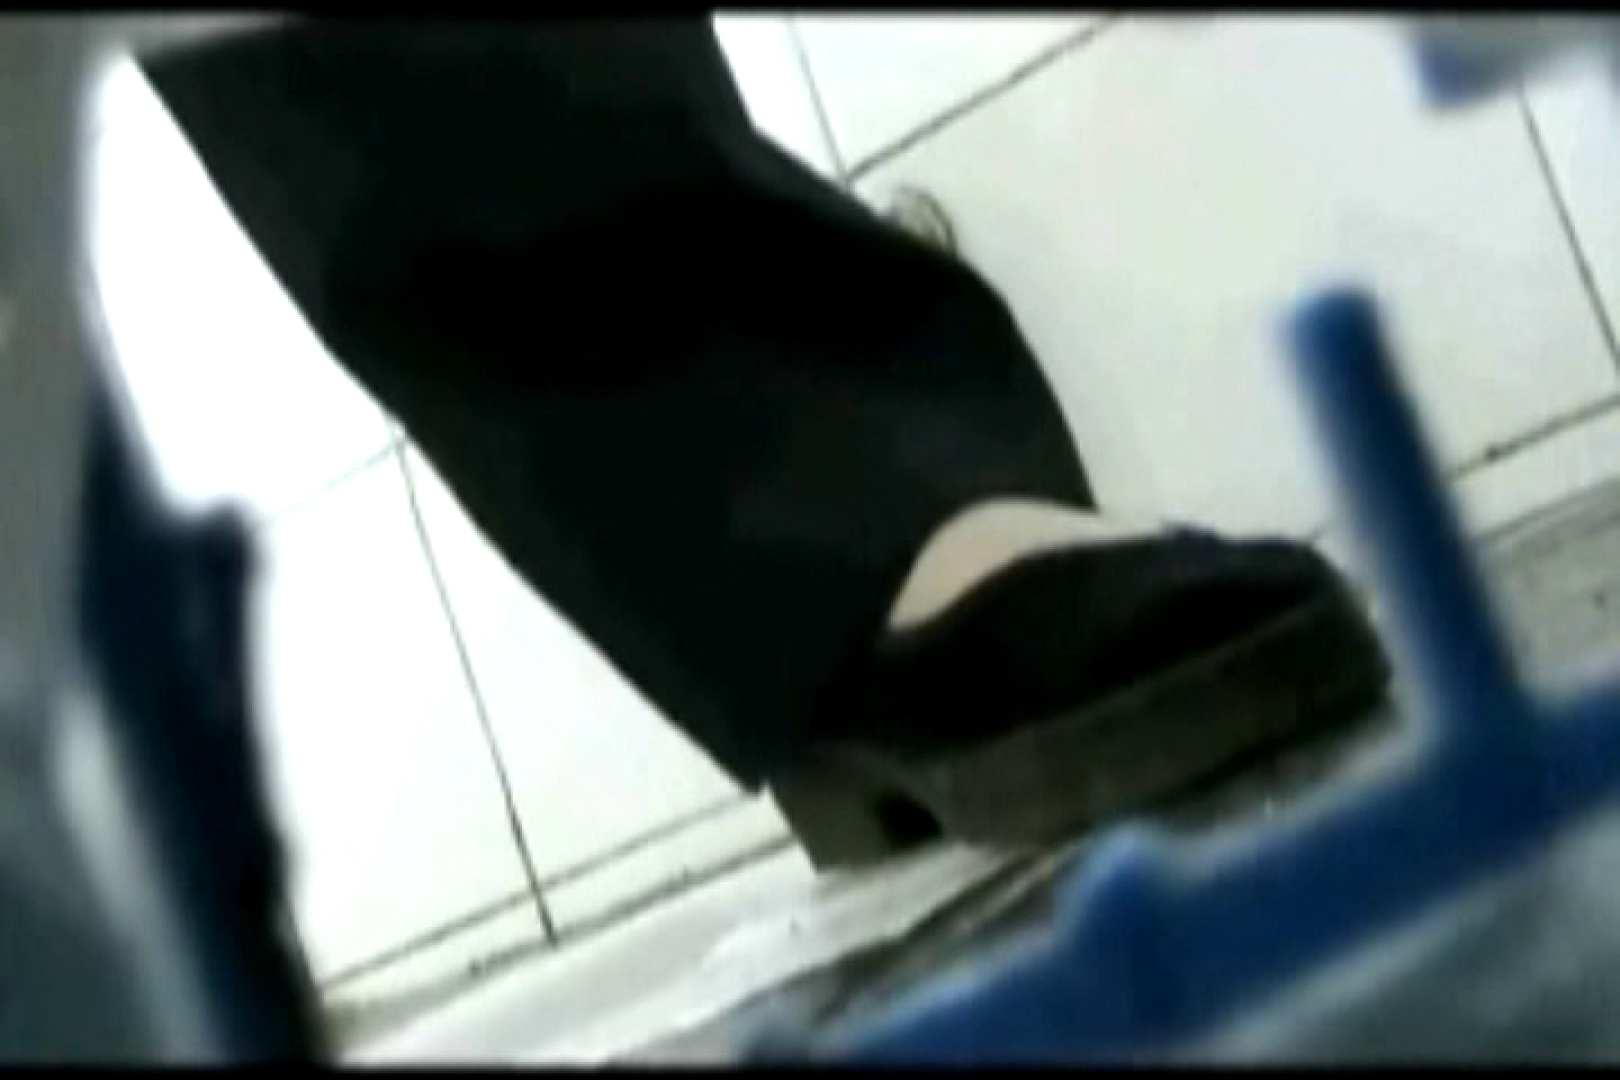 ぼっとん洗面所スペシャルVol.8 おまんこ おまんこ動画流出 101pic 92